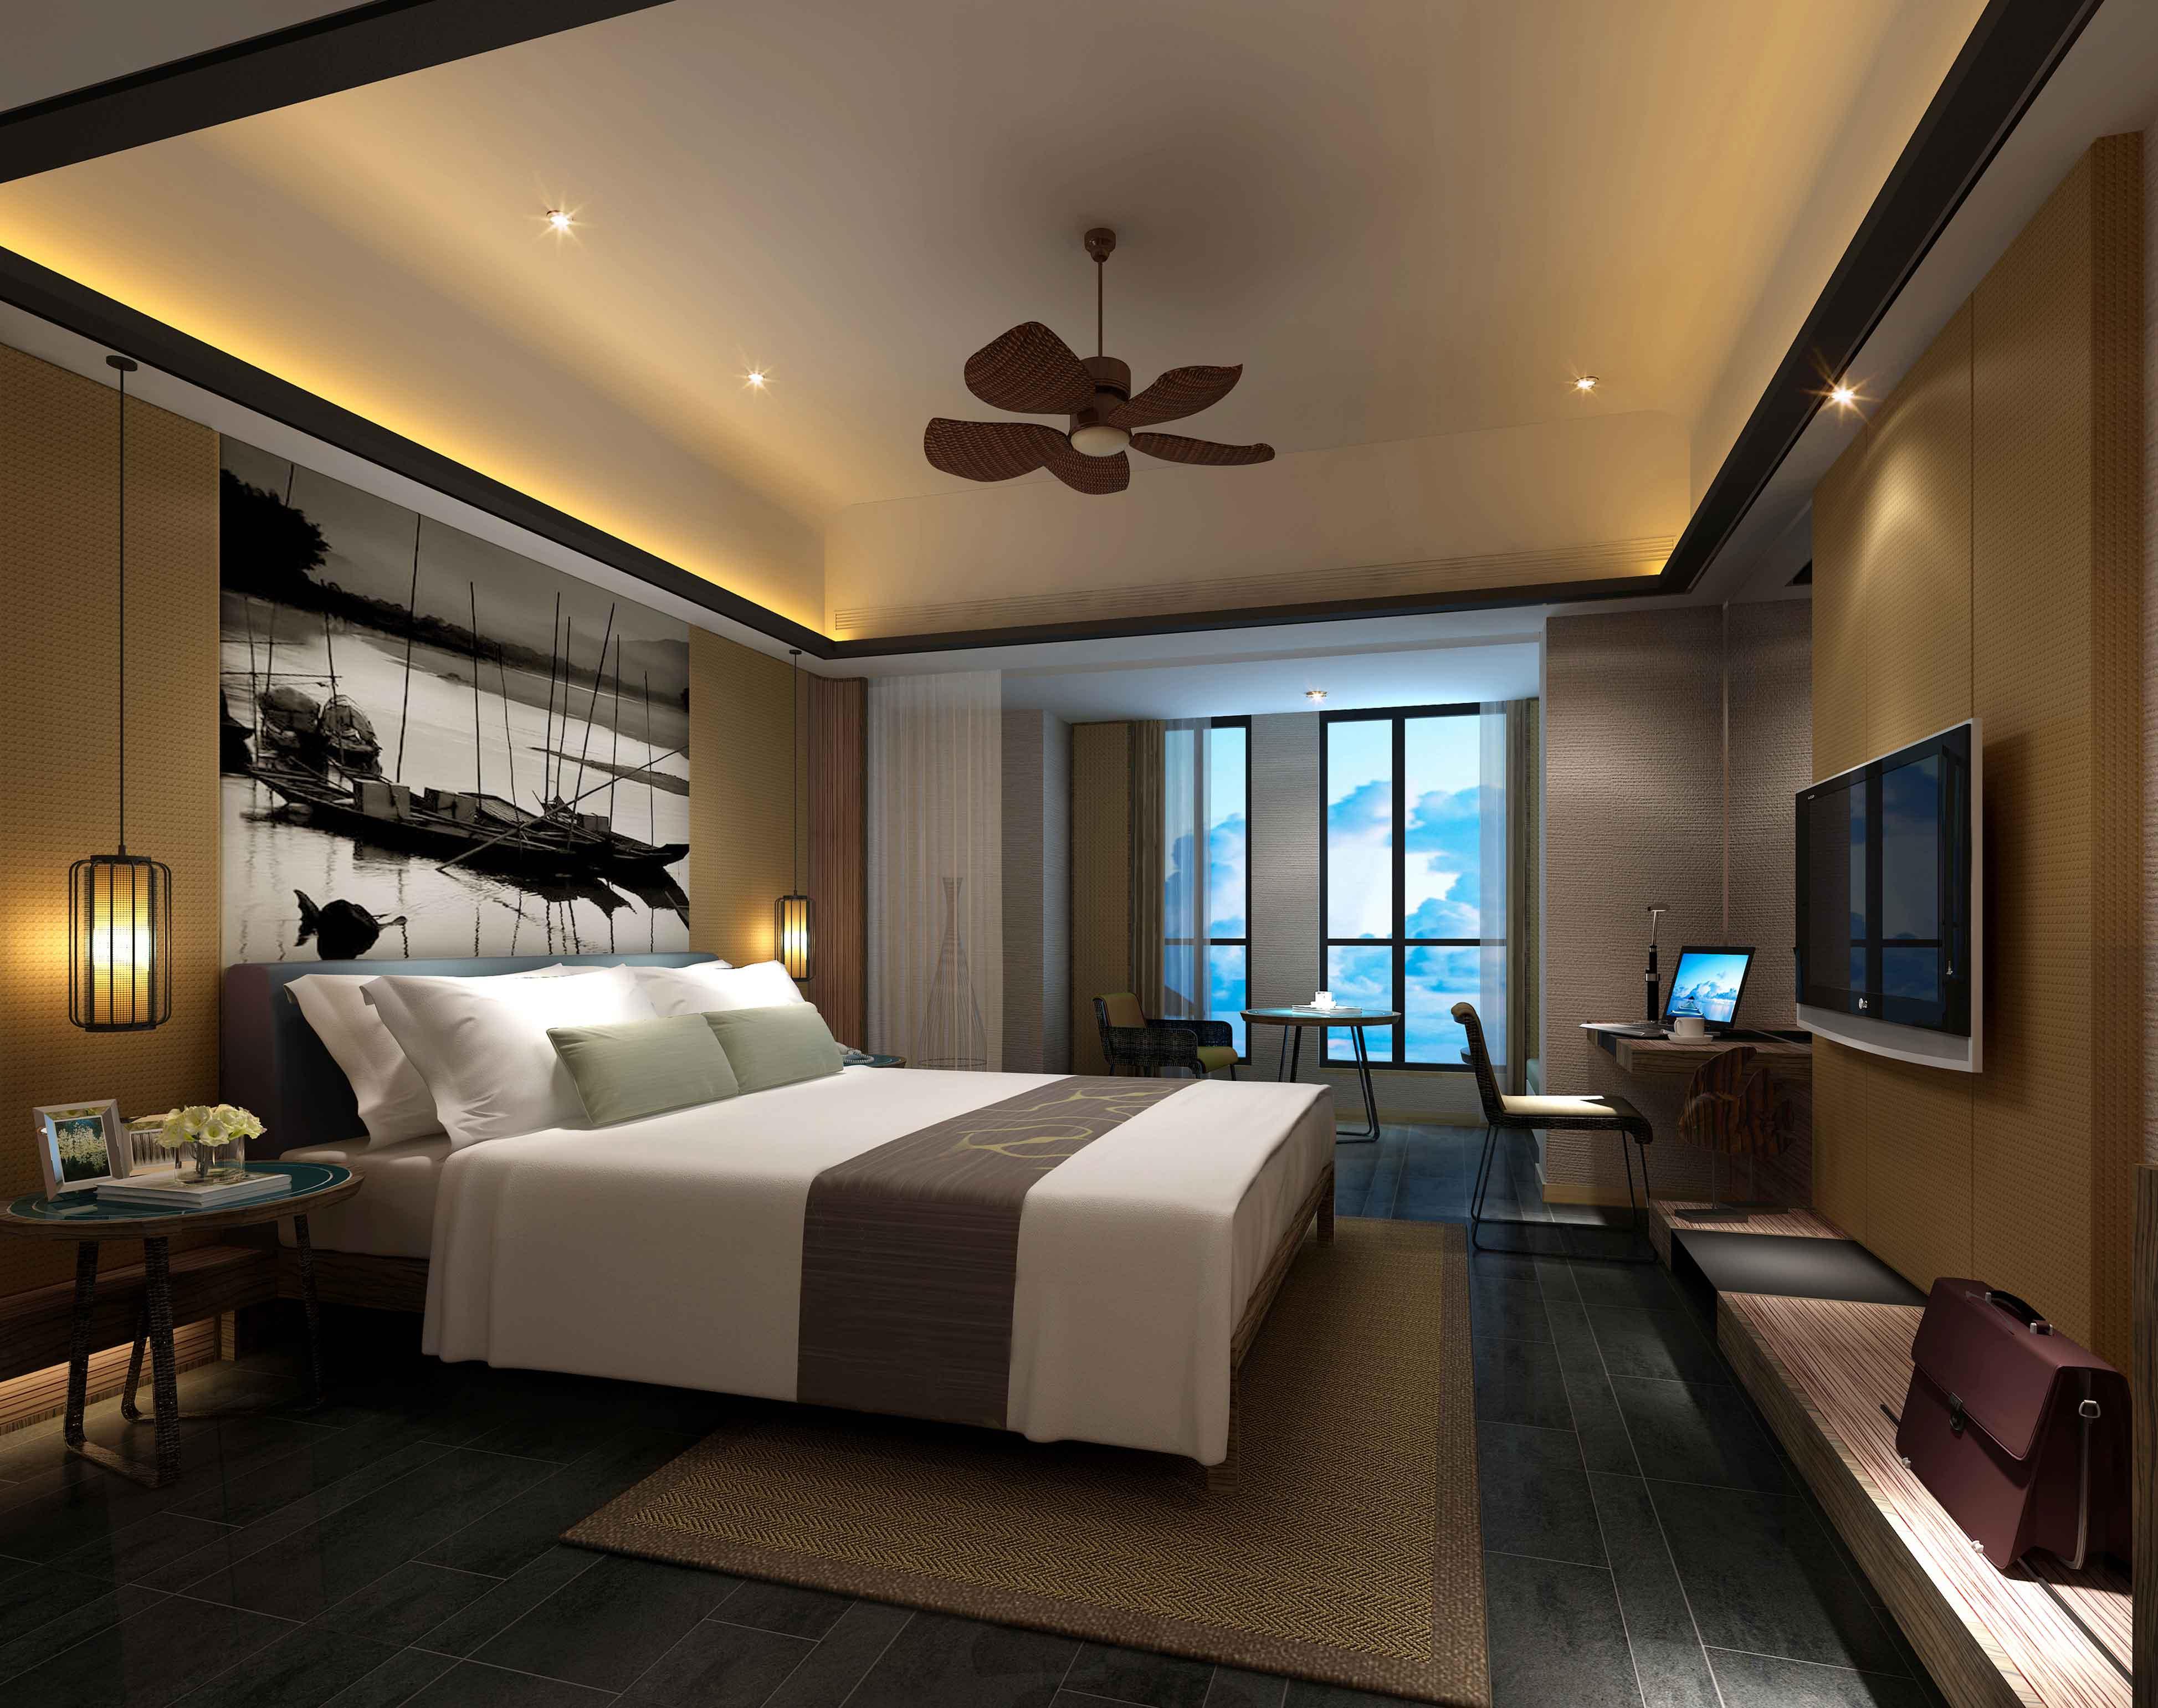 三亚(亚龙湾)雅阁温泉度假酒店